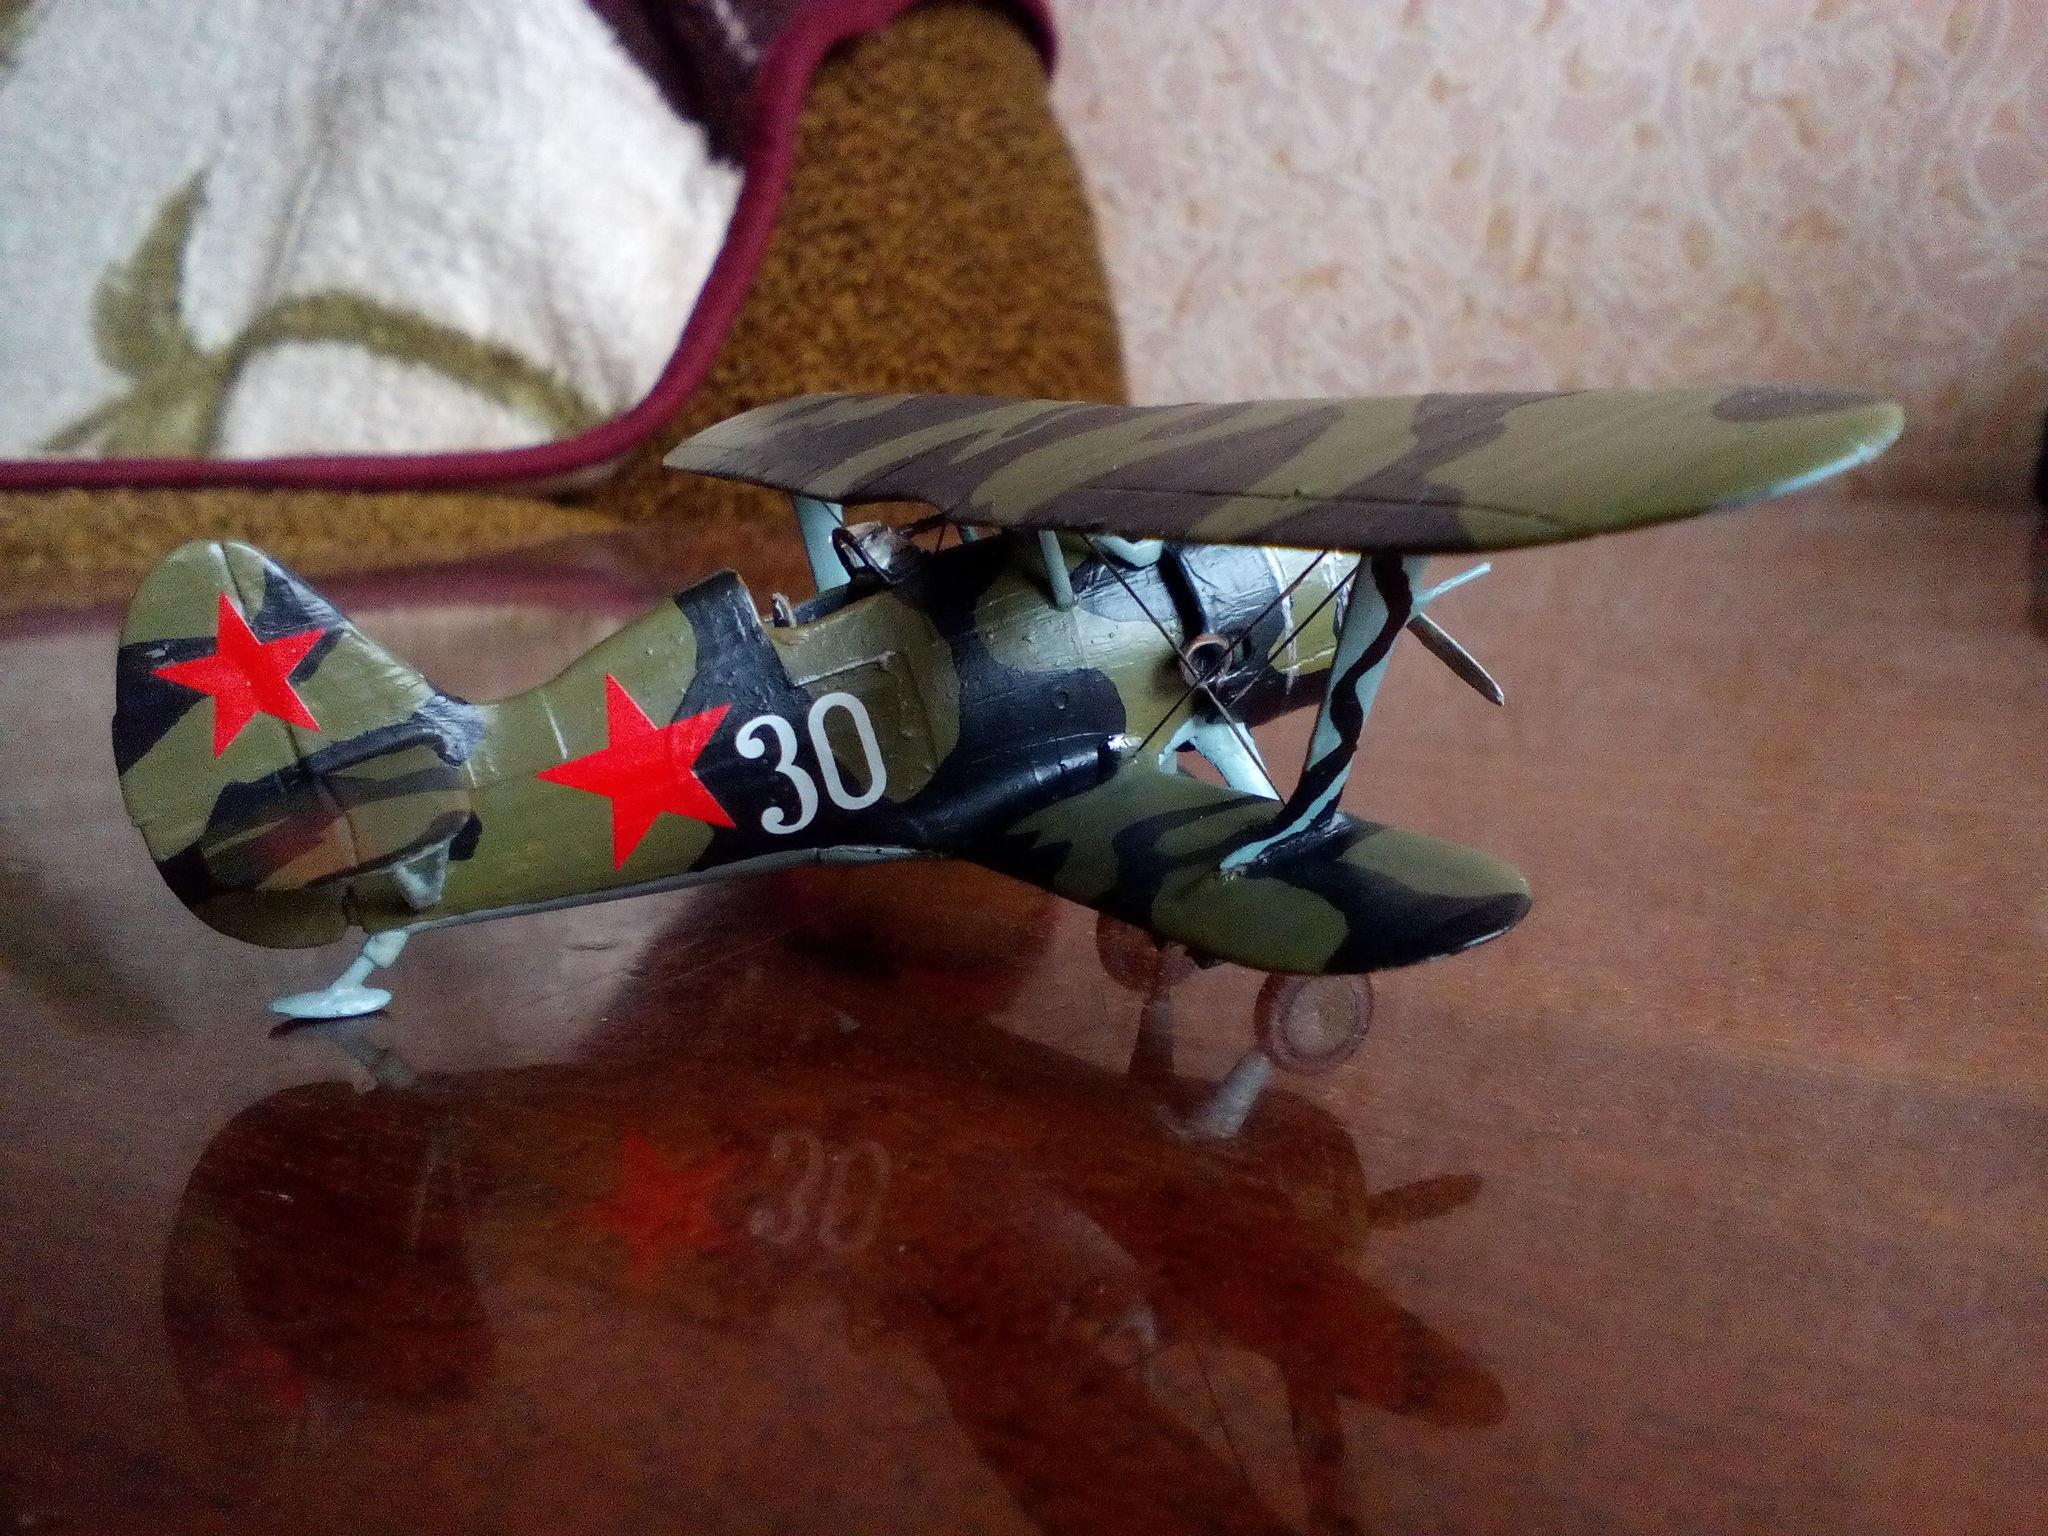 Обои советский, одноместный, Самолёт, и-3, полутораплан. Авиация foto 12